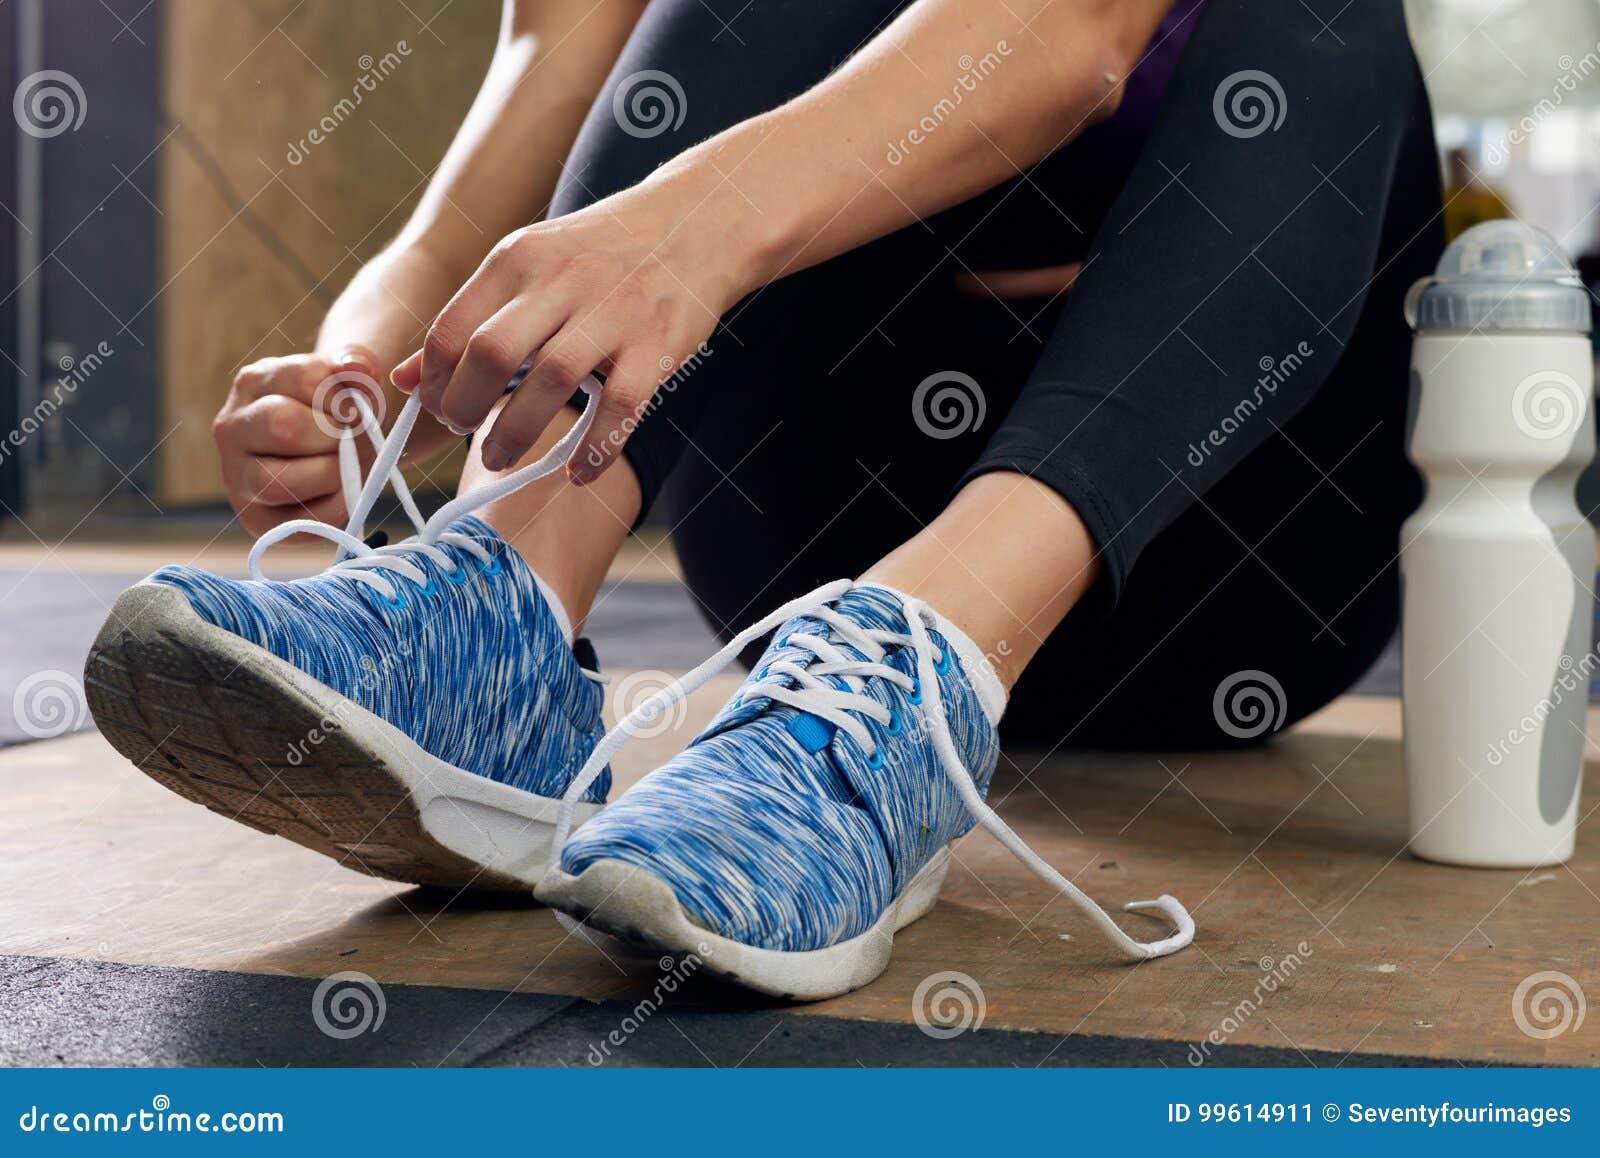 Frau, Die Sport Schuhe In Der Turnhalle Bindet Stockbild